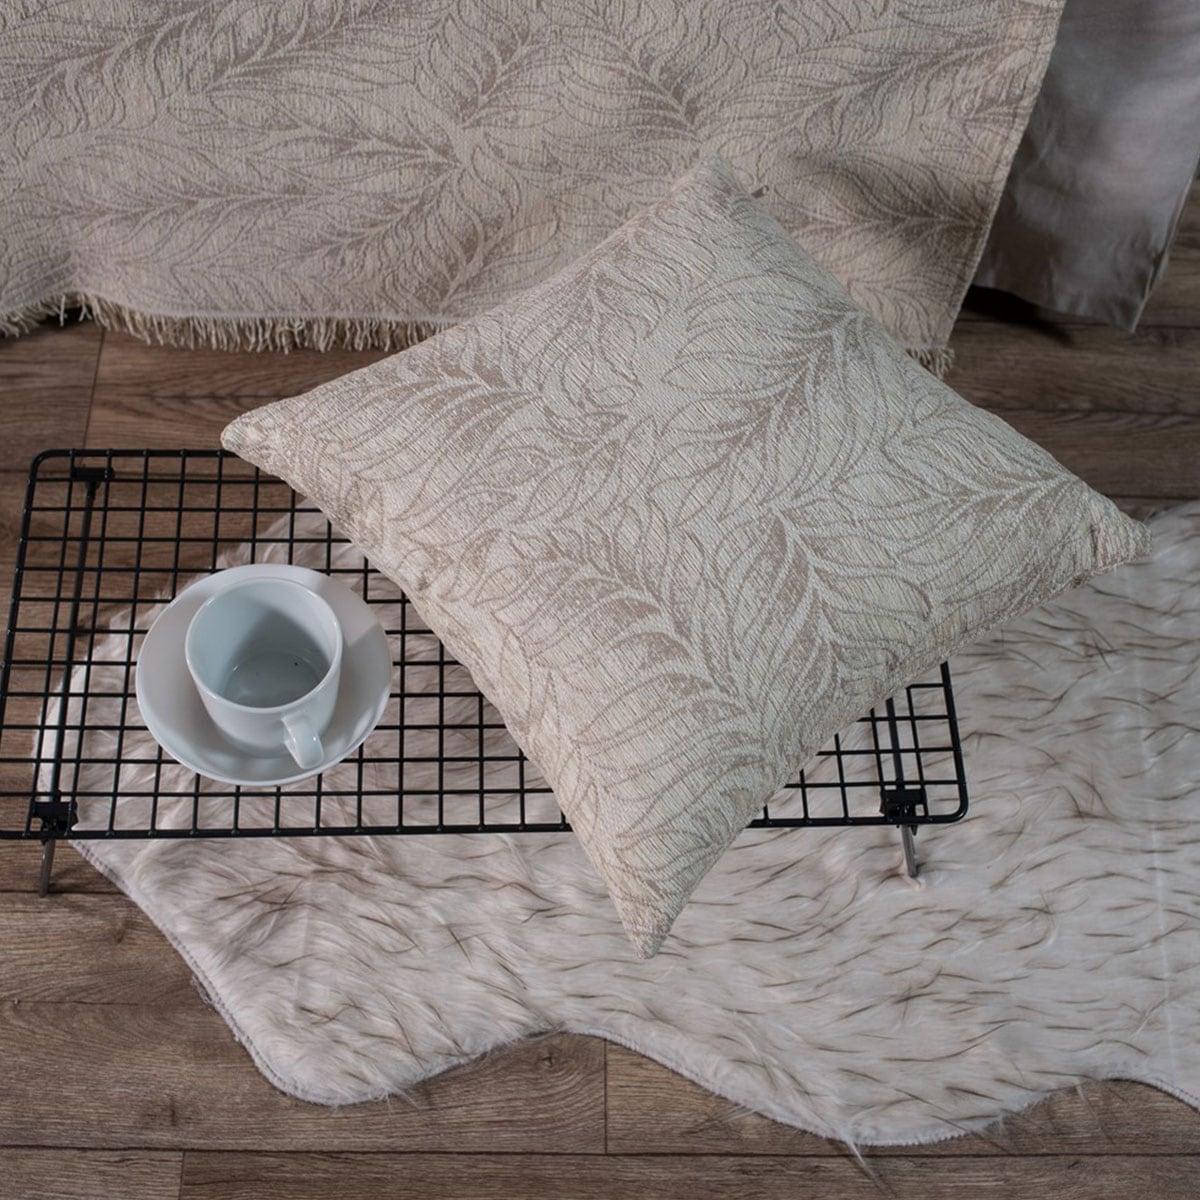 Μαξιλάρι Διακοσμητικό (Με Γέμιση) Illinois 01 Ecru Teoran 45X45 Ακρυλικό-Polyester